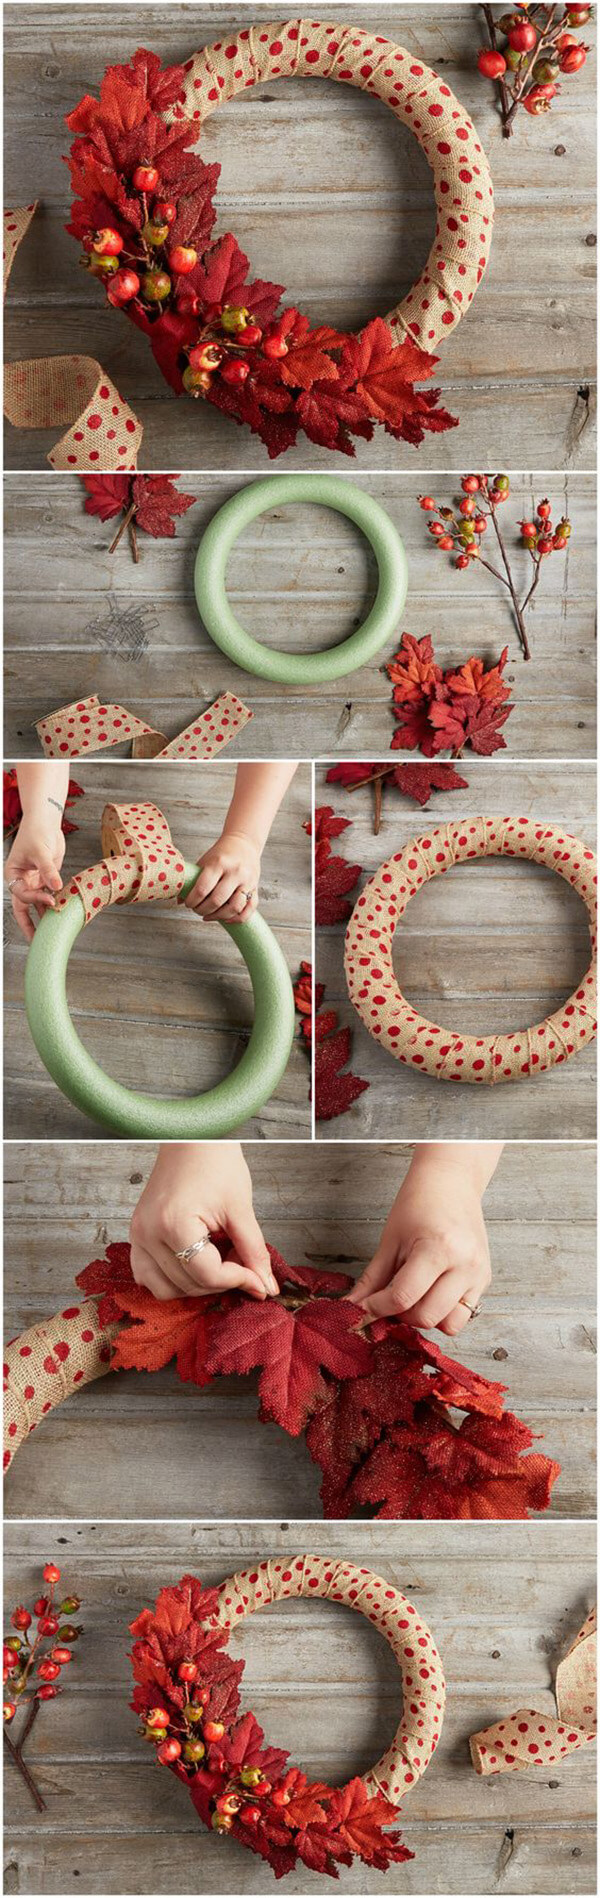 Венок на голову своими руками. как сделать осенний венок из листьев, рябины, цветов своими руками?